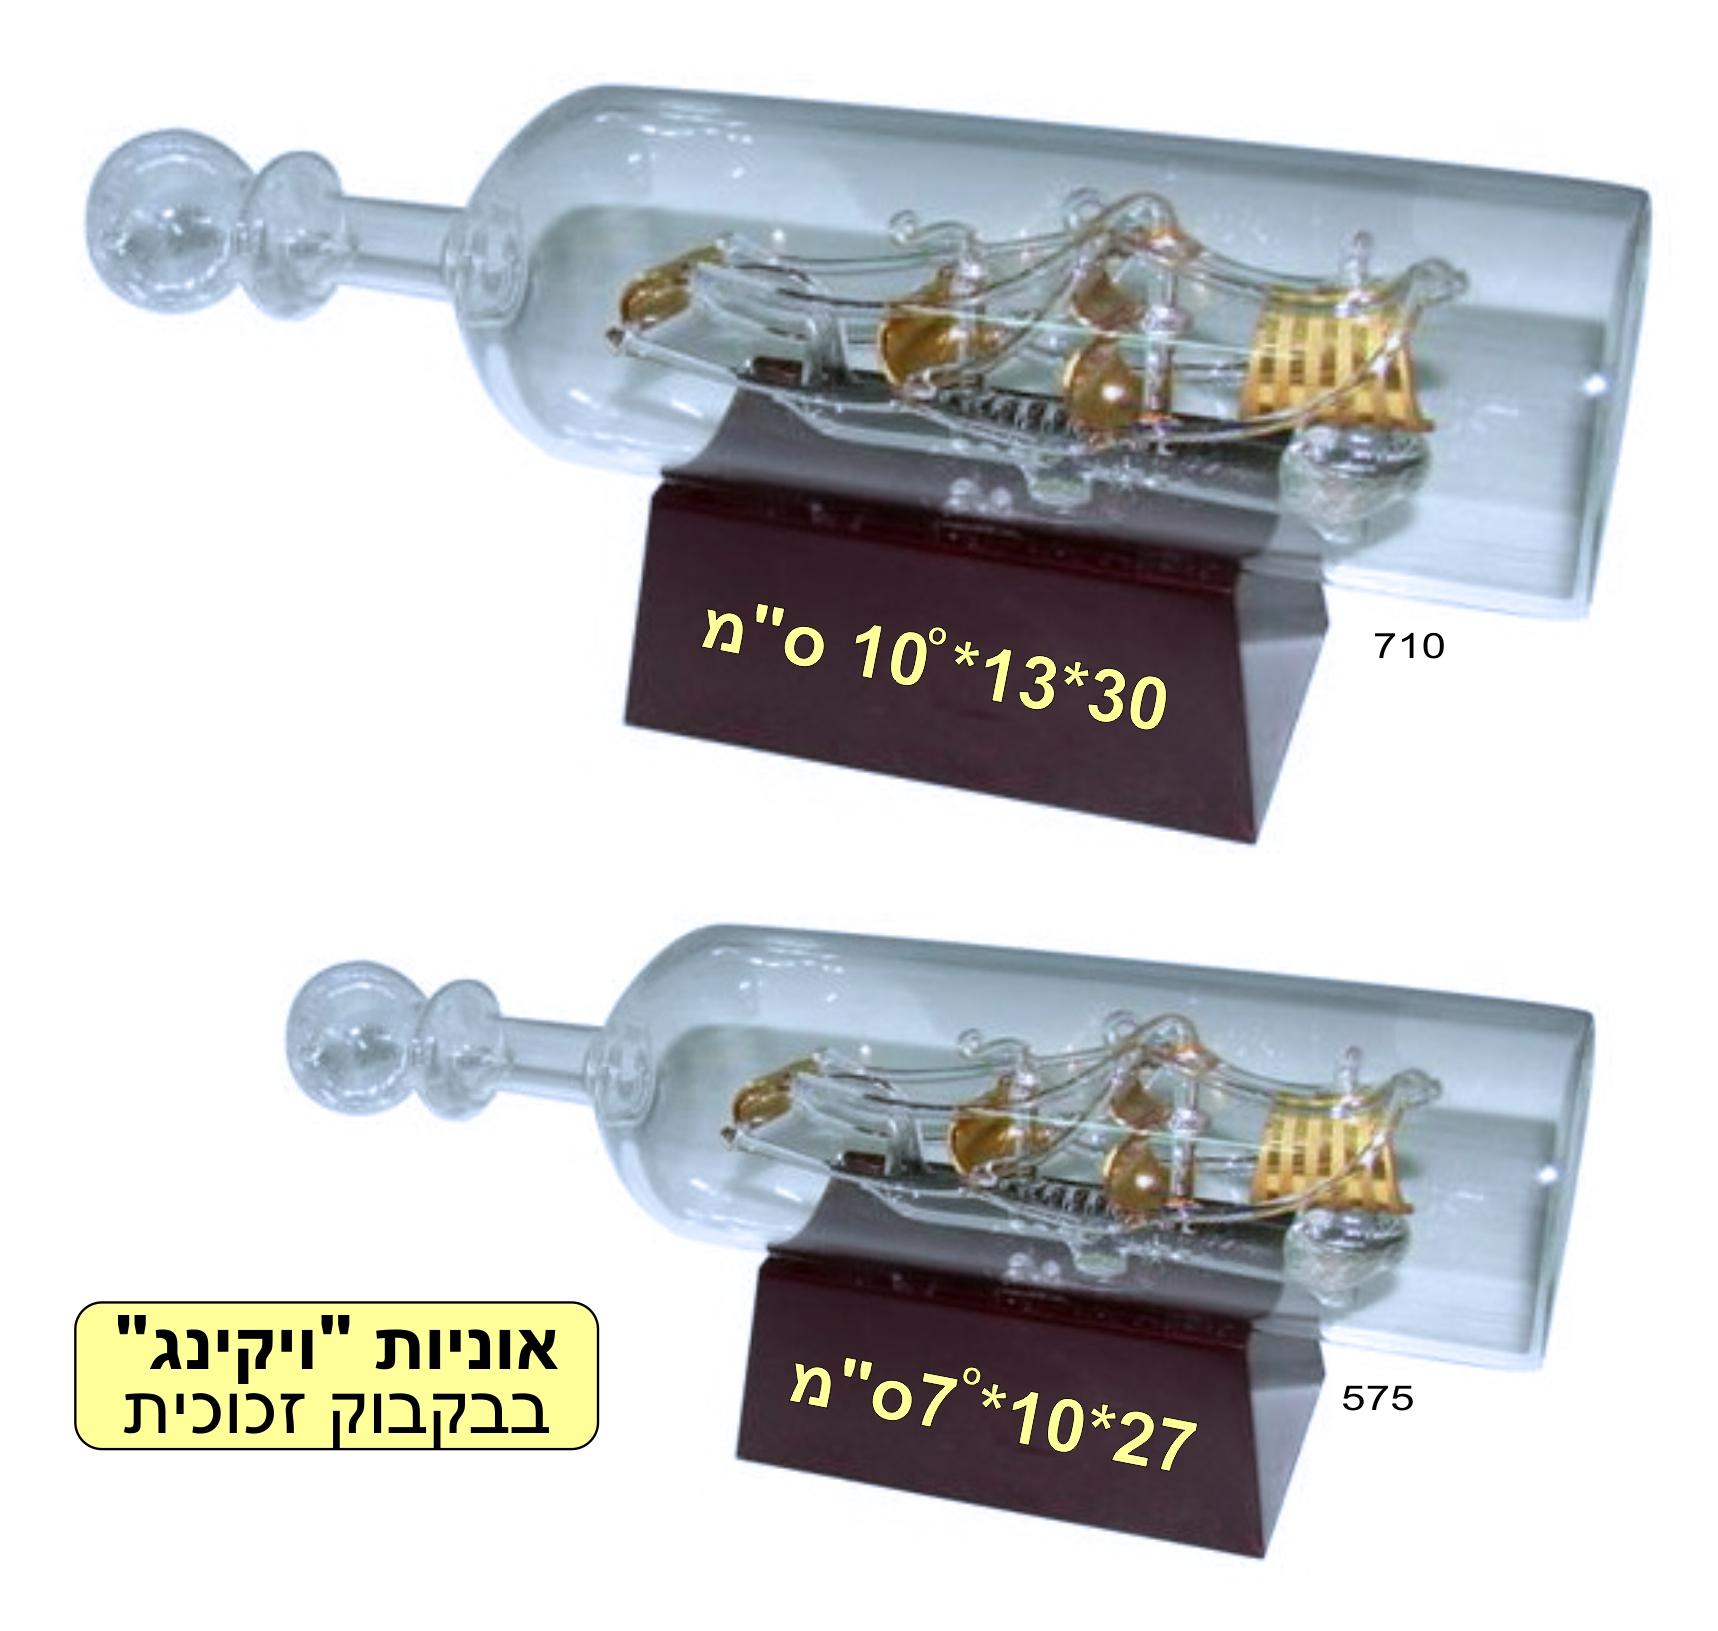 אוניות ויקינג בבקבוק זכוכית